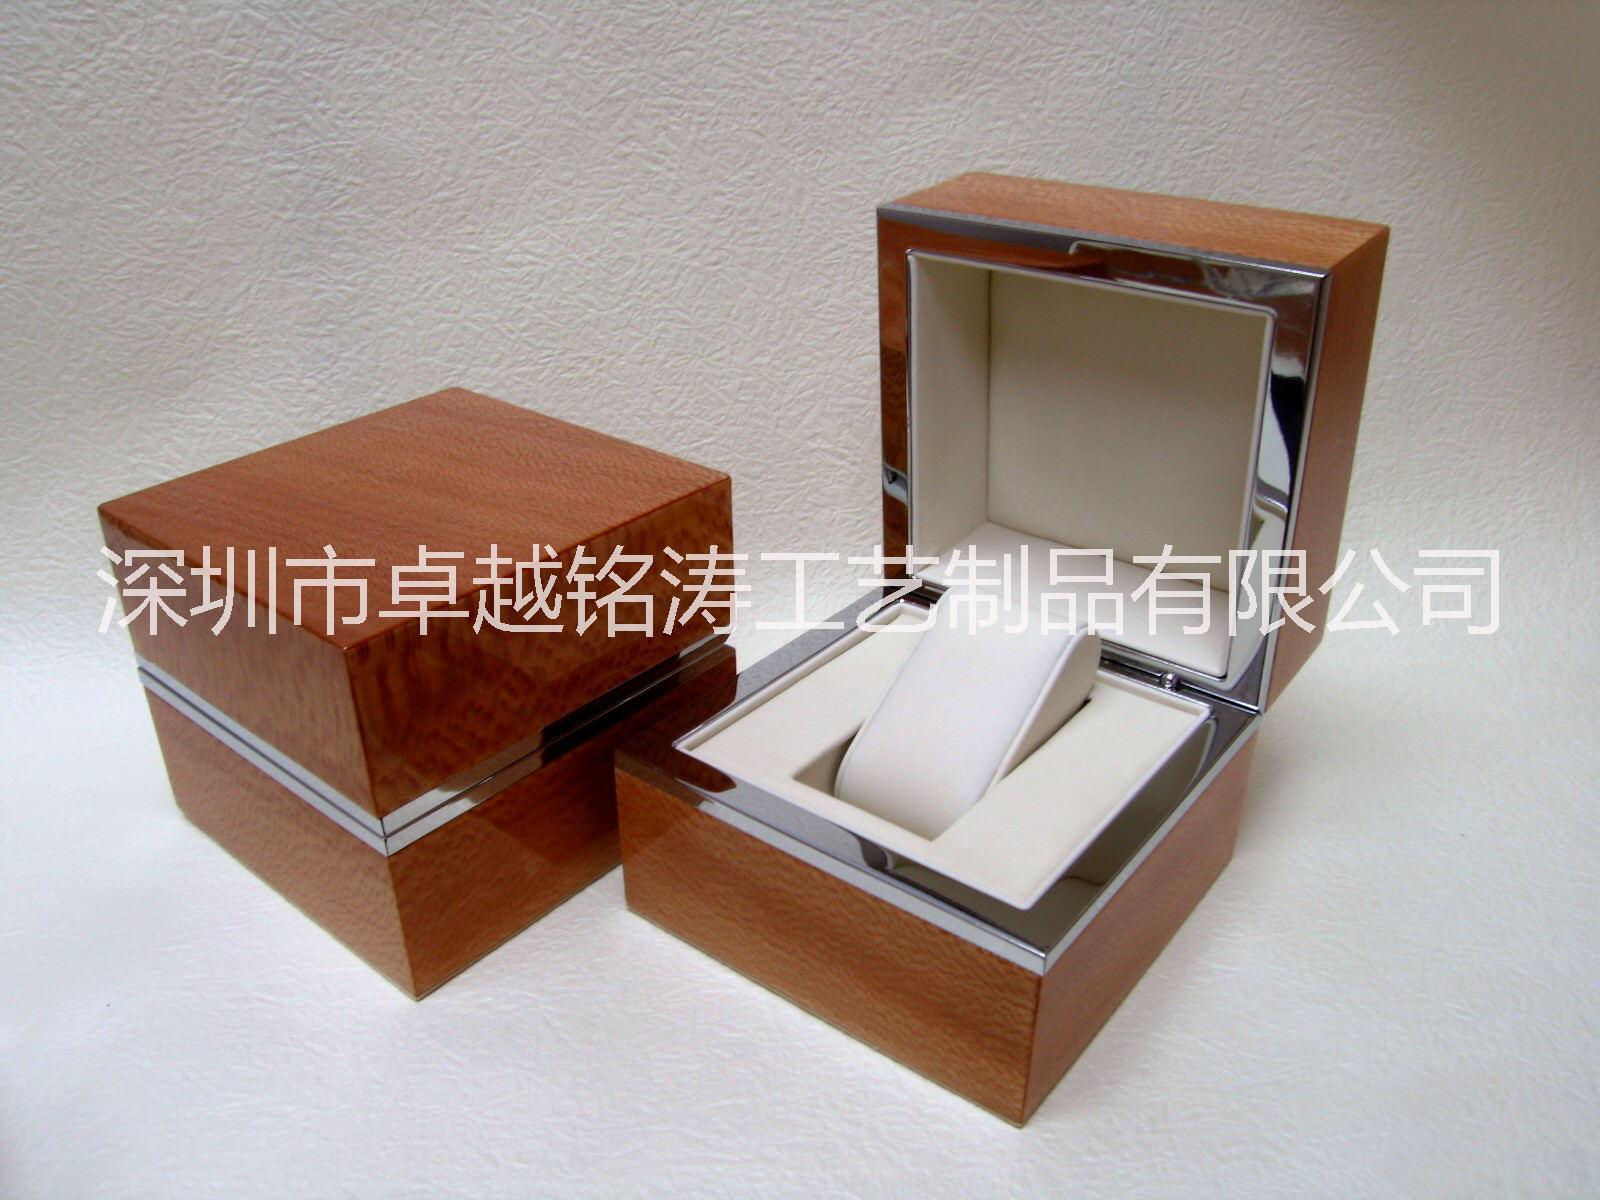 手表盒/烤漆木盒/手表包装盒/